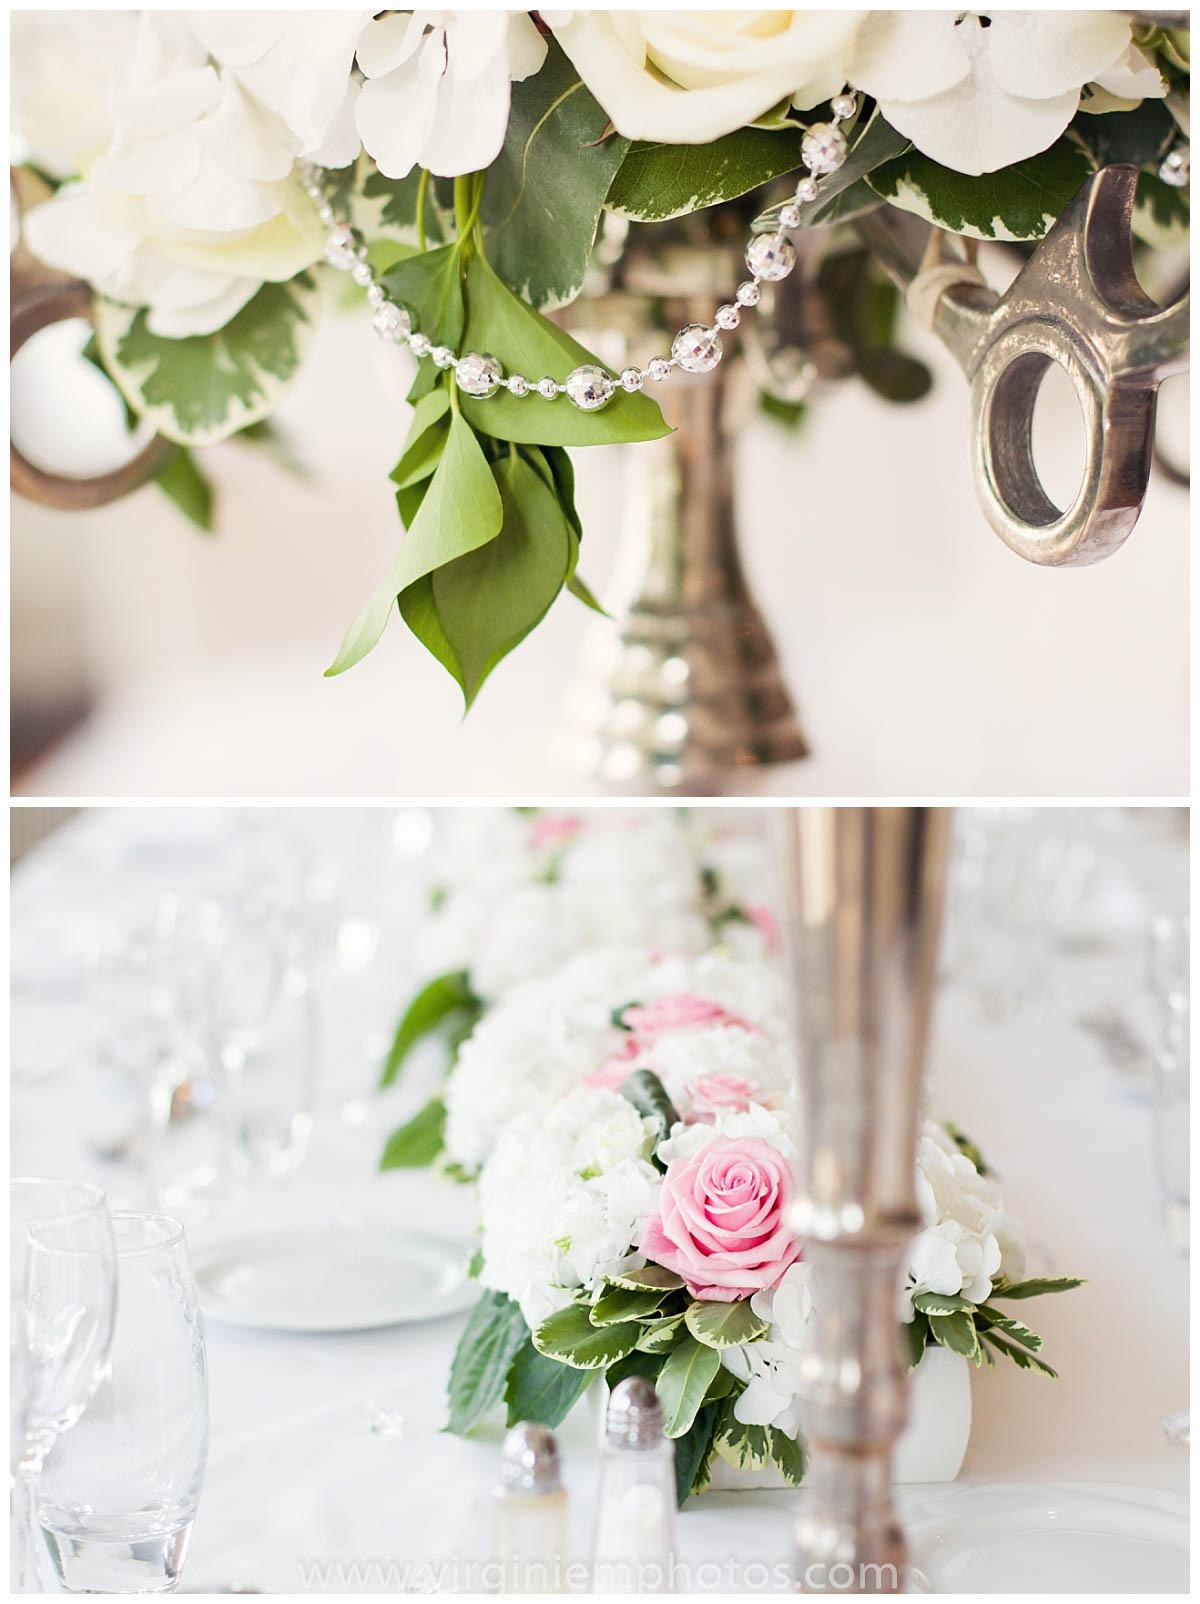 Virginie M. Photos-photographe mariage nord-vin d'honneur-décoration (3)